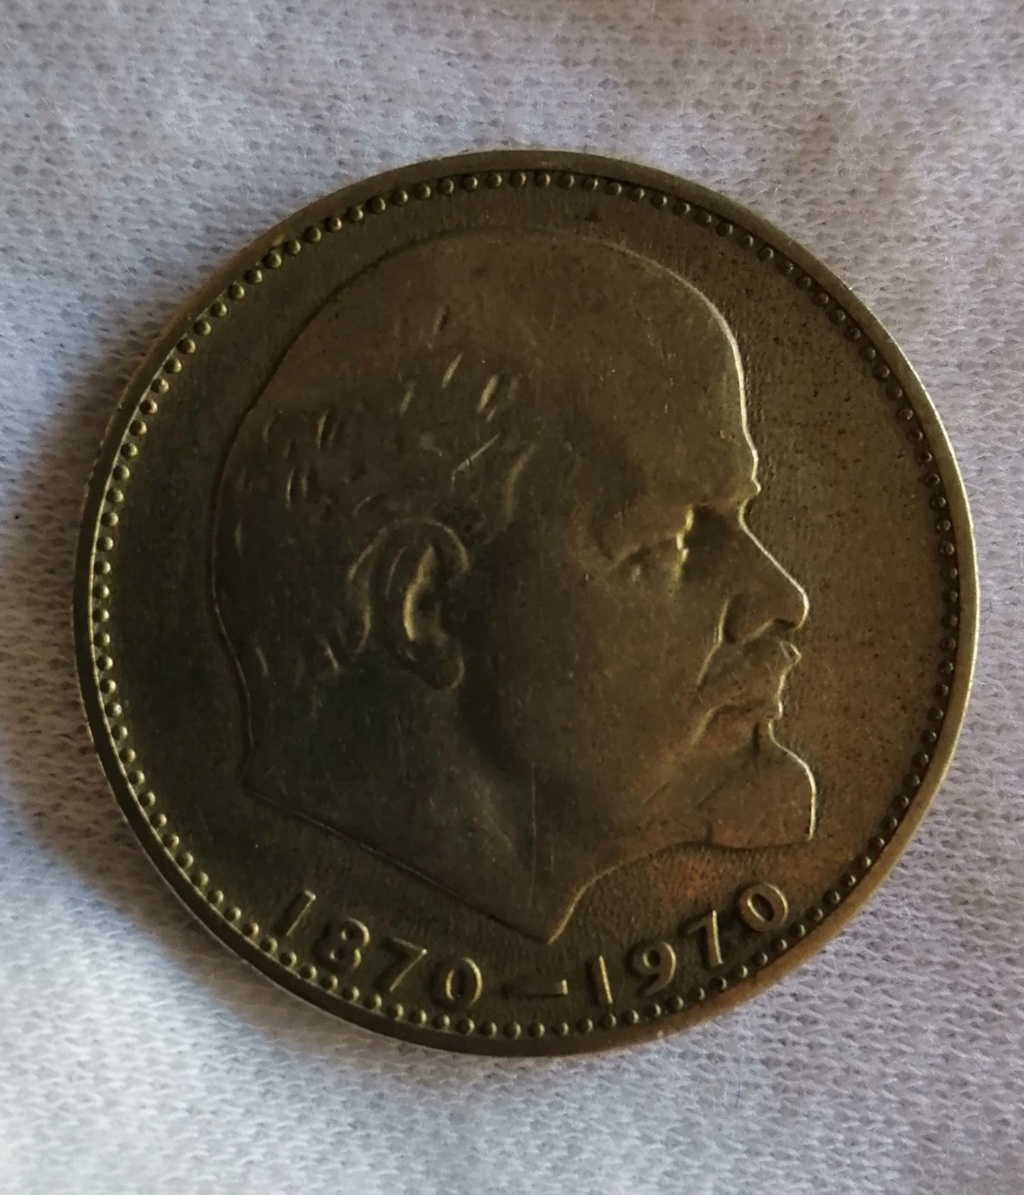 CCCP URSS Monedas Soviéticas Series de 1961-1991 Img_2055